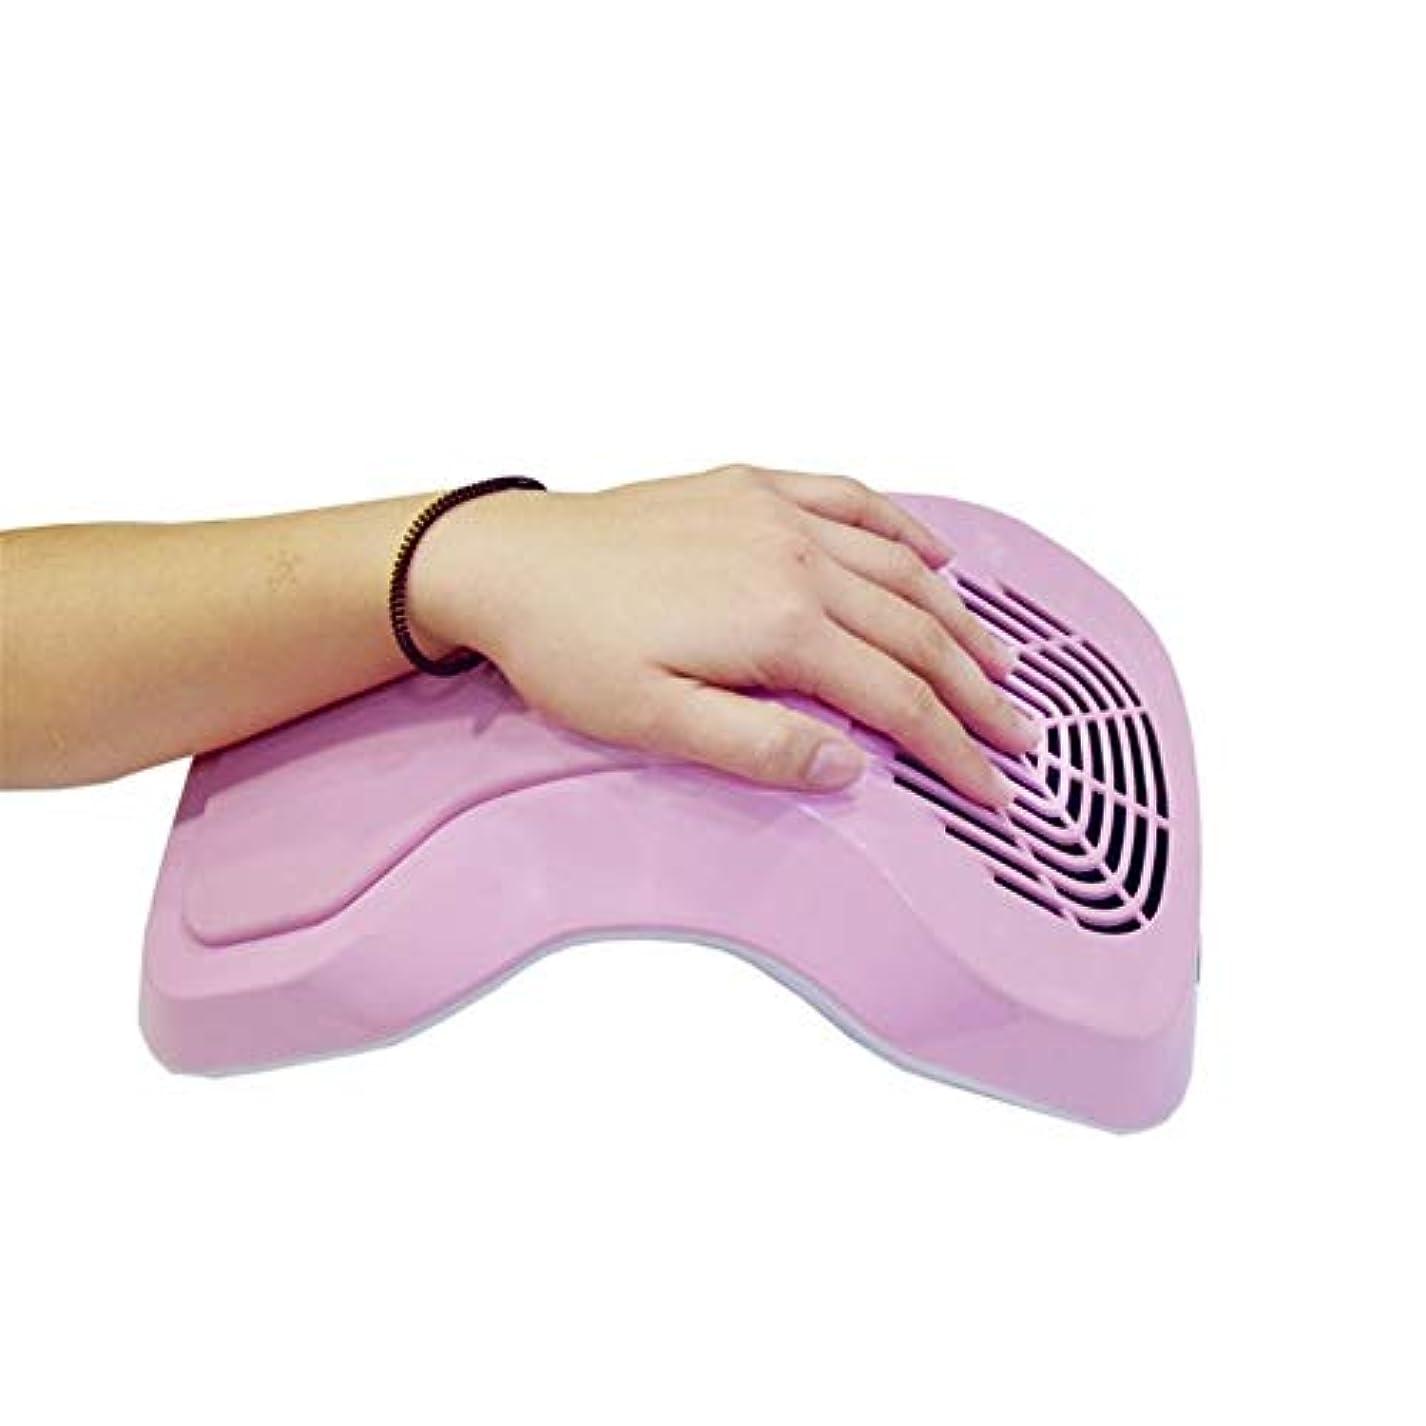 複数ほのか請求ネイル掃除機吸引ダストコレクター機でダストバッグプロフェッショナルサロン爪ダストコレクションファンネイルアートToolspink